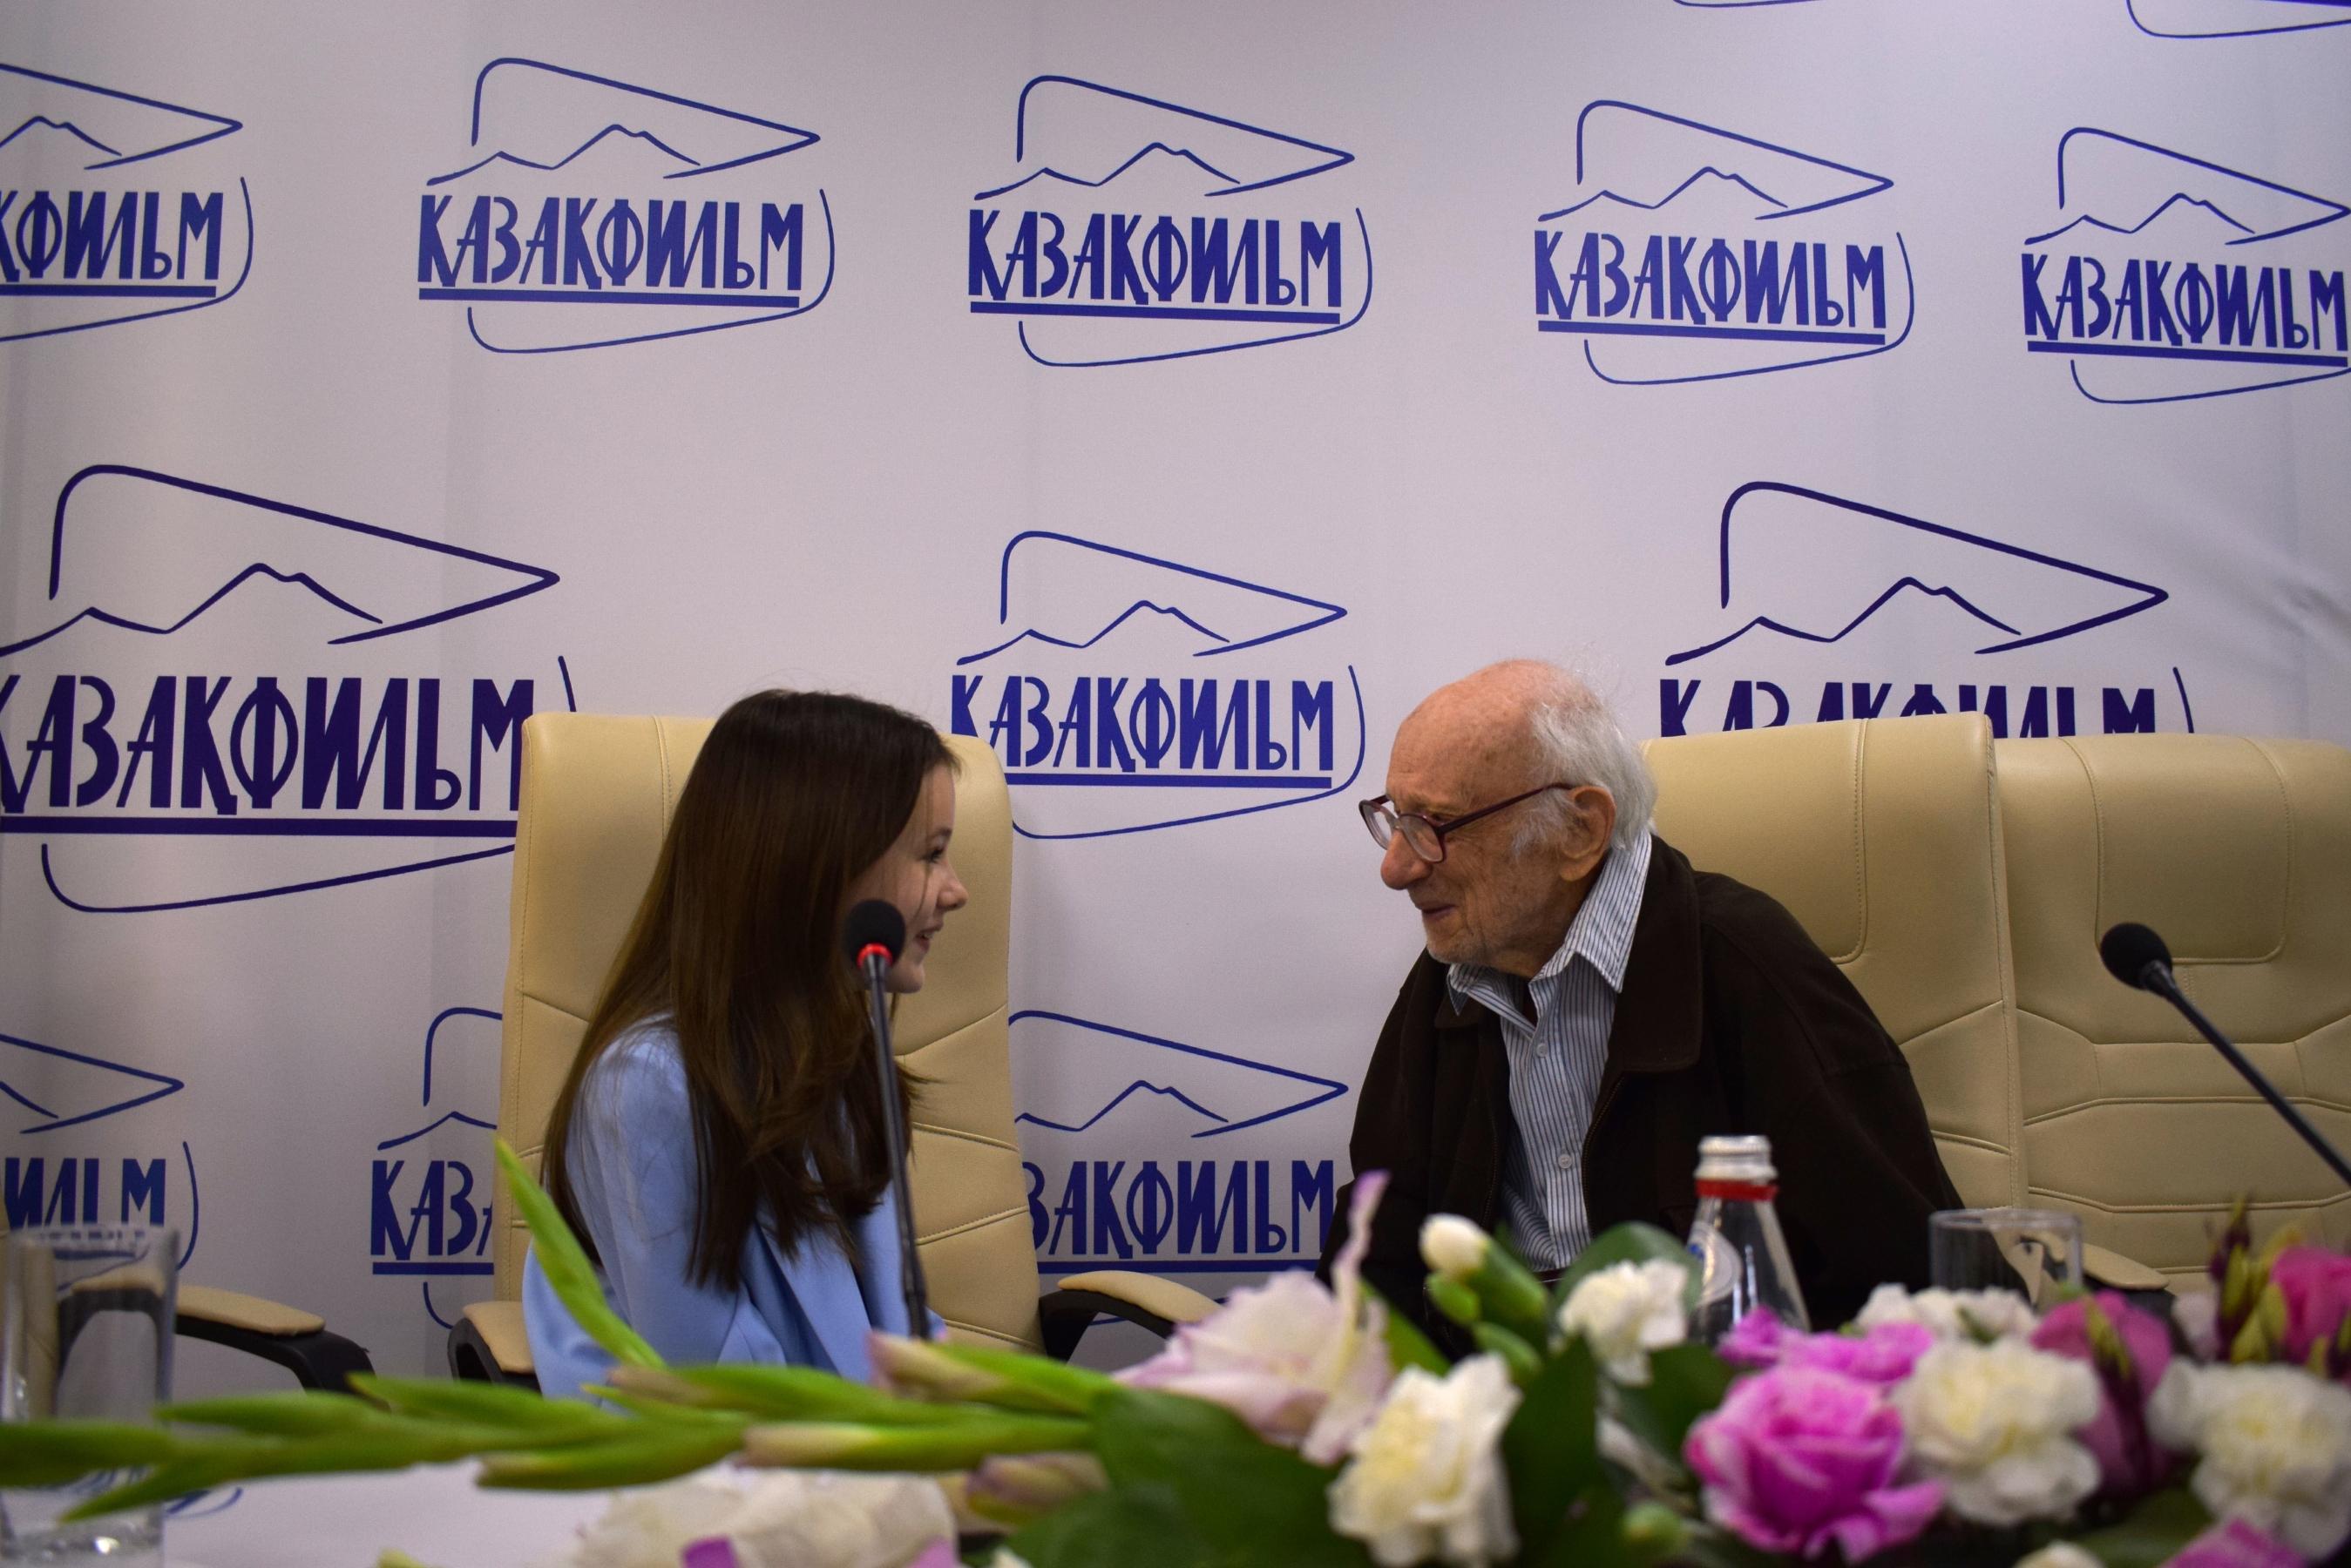 Данэлия Тулешова сыграет в продолжении знаменитого фильма  «Наш милый доктор»